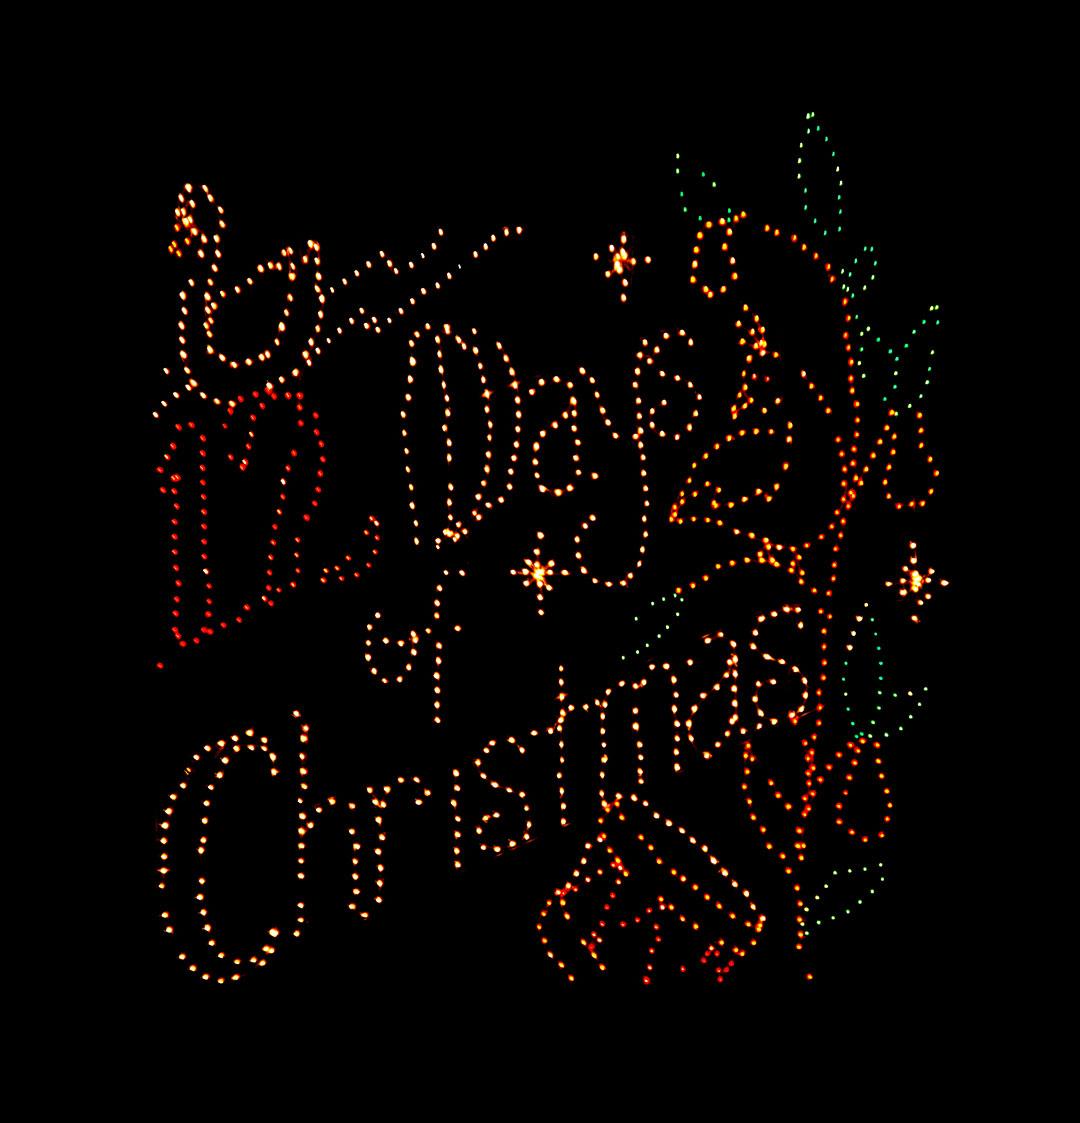 Lake Lanier Christmas Lights - Magical Nights of Lights